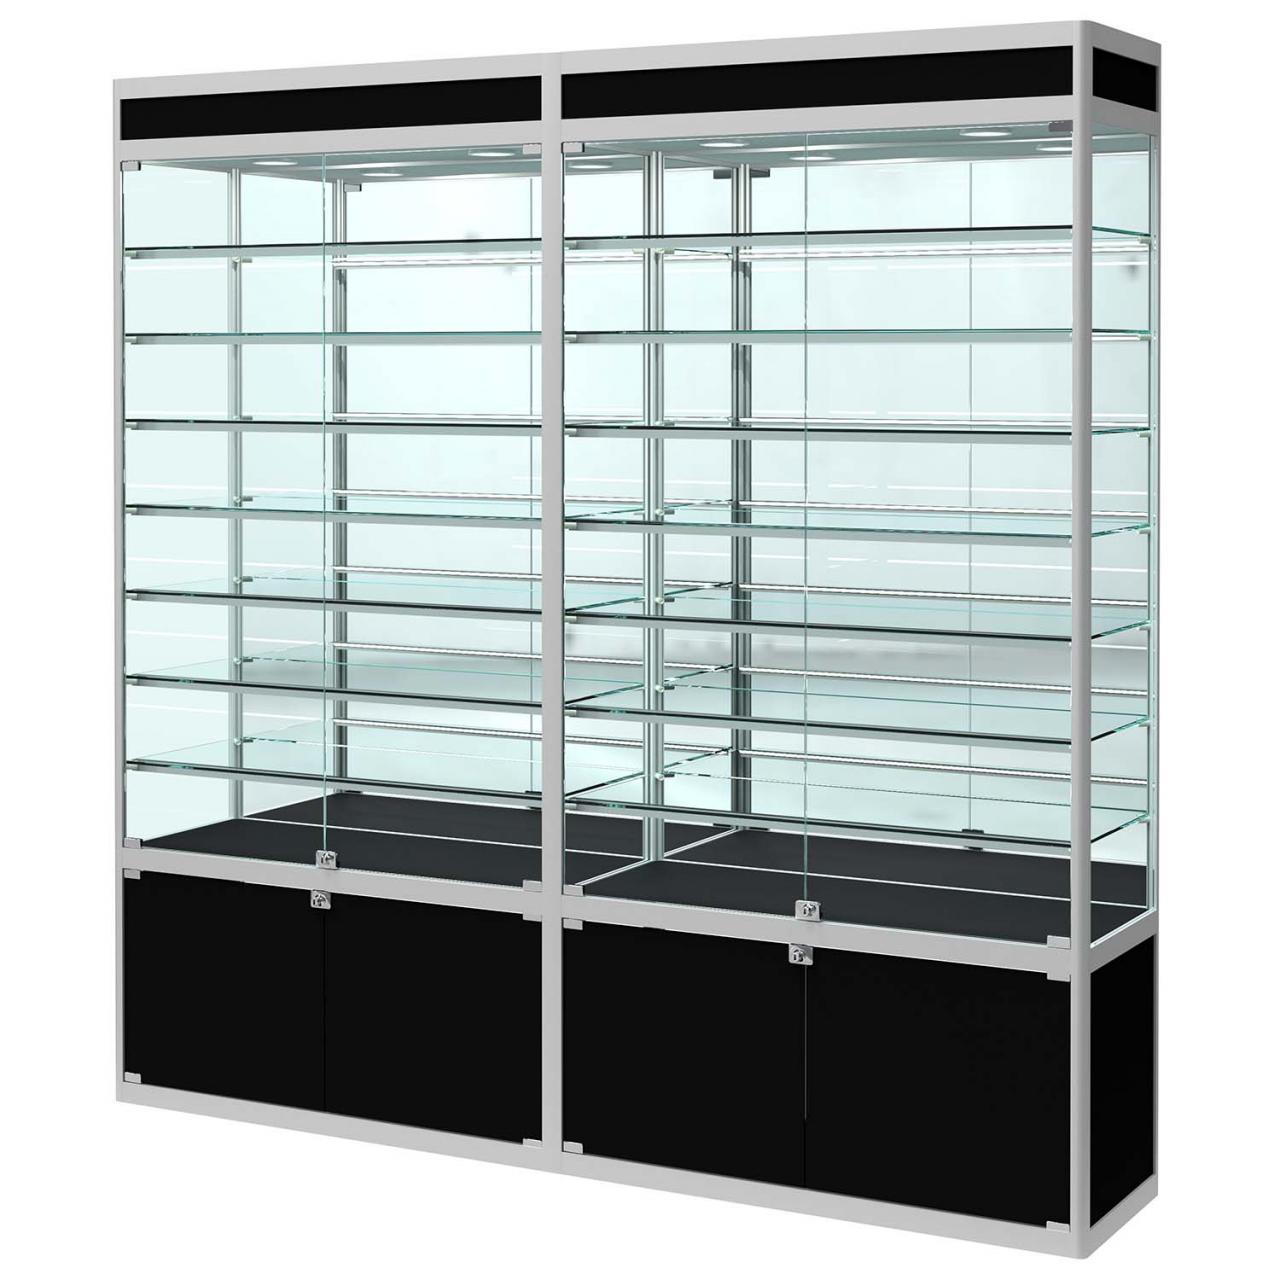 Табачная витрина ВПНД-200.40Т